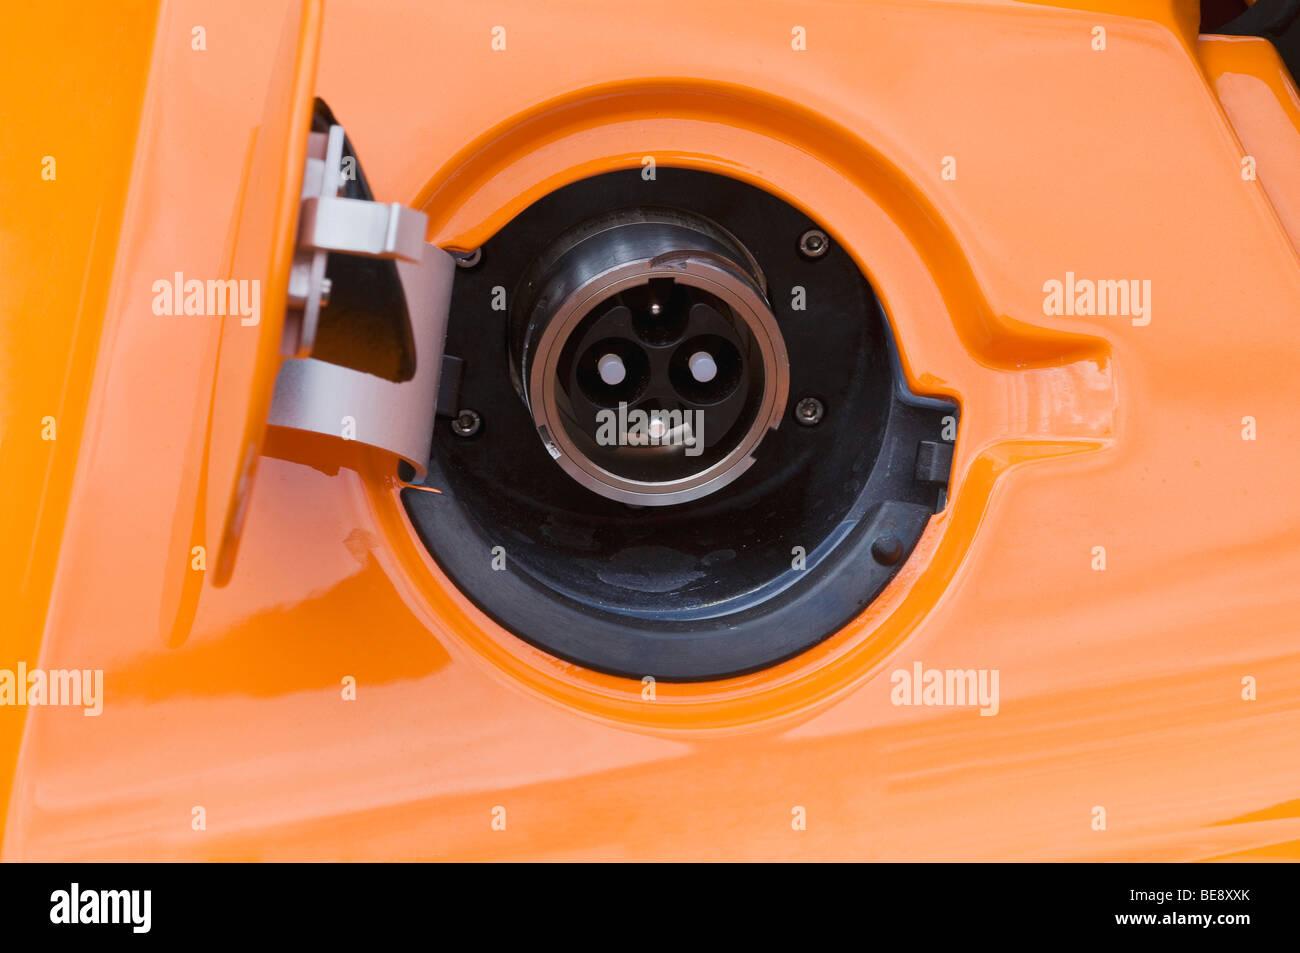 Ouvrir le bouchon du réservoir d'une voiture électrique, prise d'orange Banque D'Images